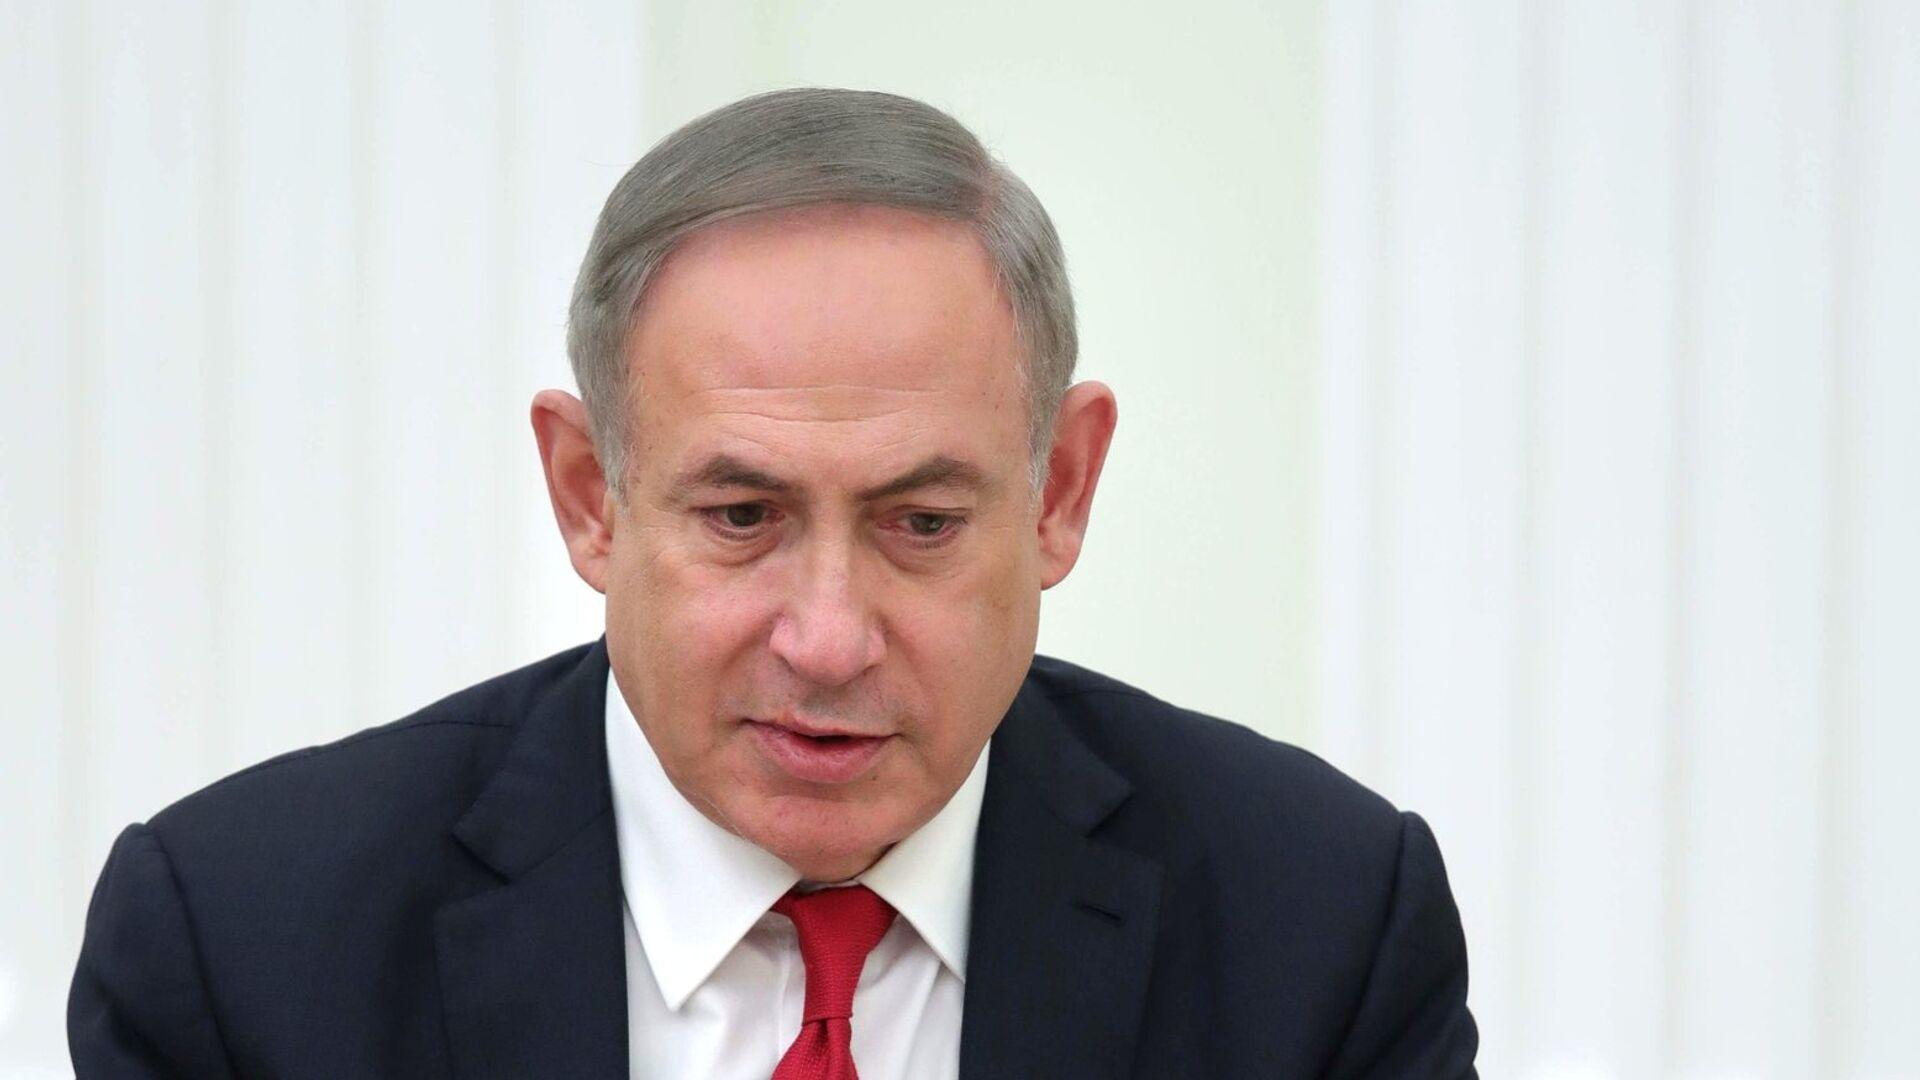 Премьер-министр Израиля Биньямин Нетаньяху во время встречи с президентом РФ Владимиром Путиным. 9 марта 2017 - РИА Новости, 1920, 20.12.2020